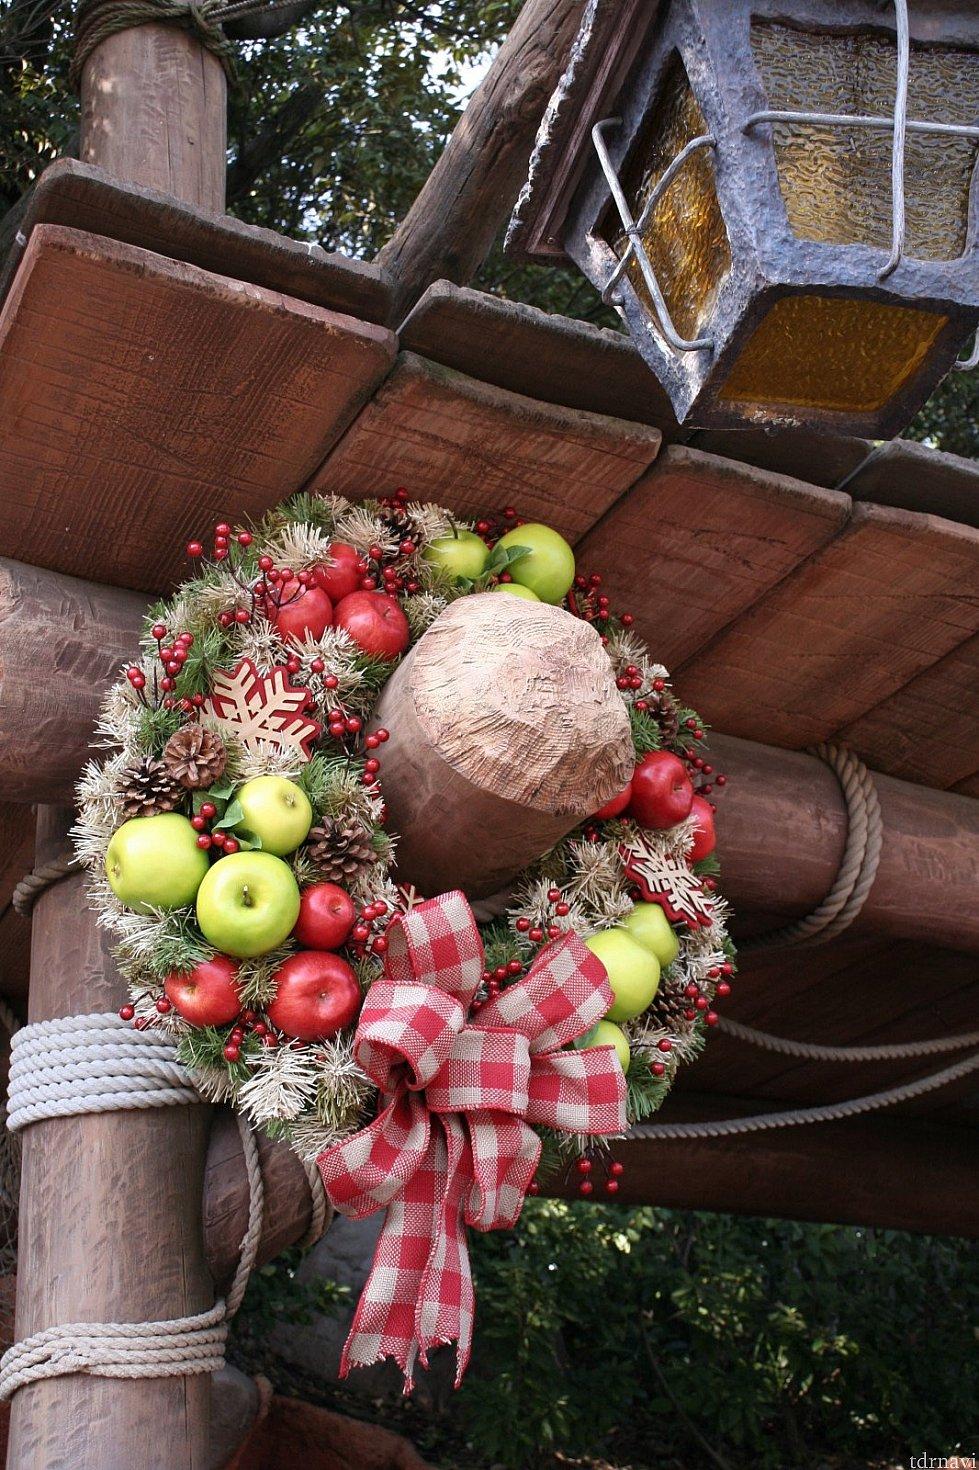 クリッターカントリーはリンゴなどの果物でカラフル!